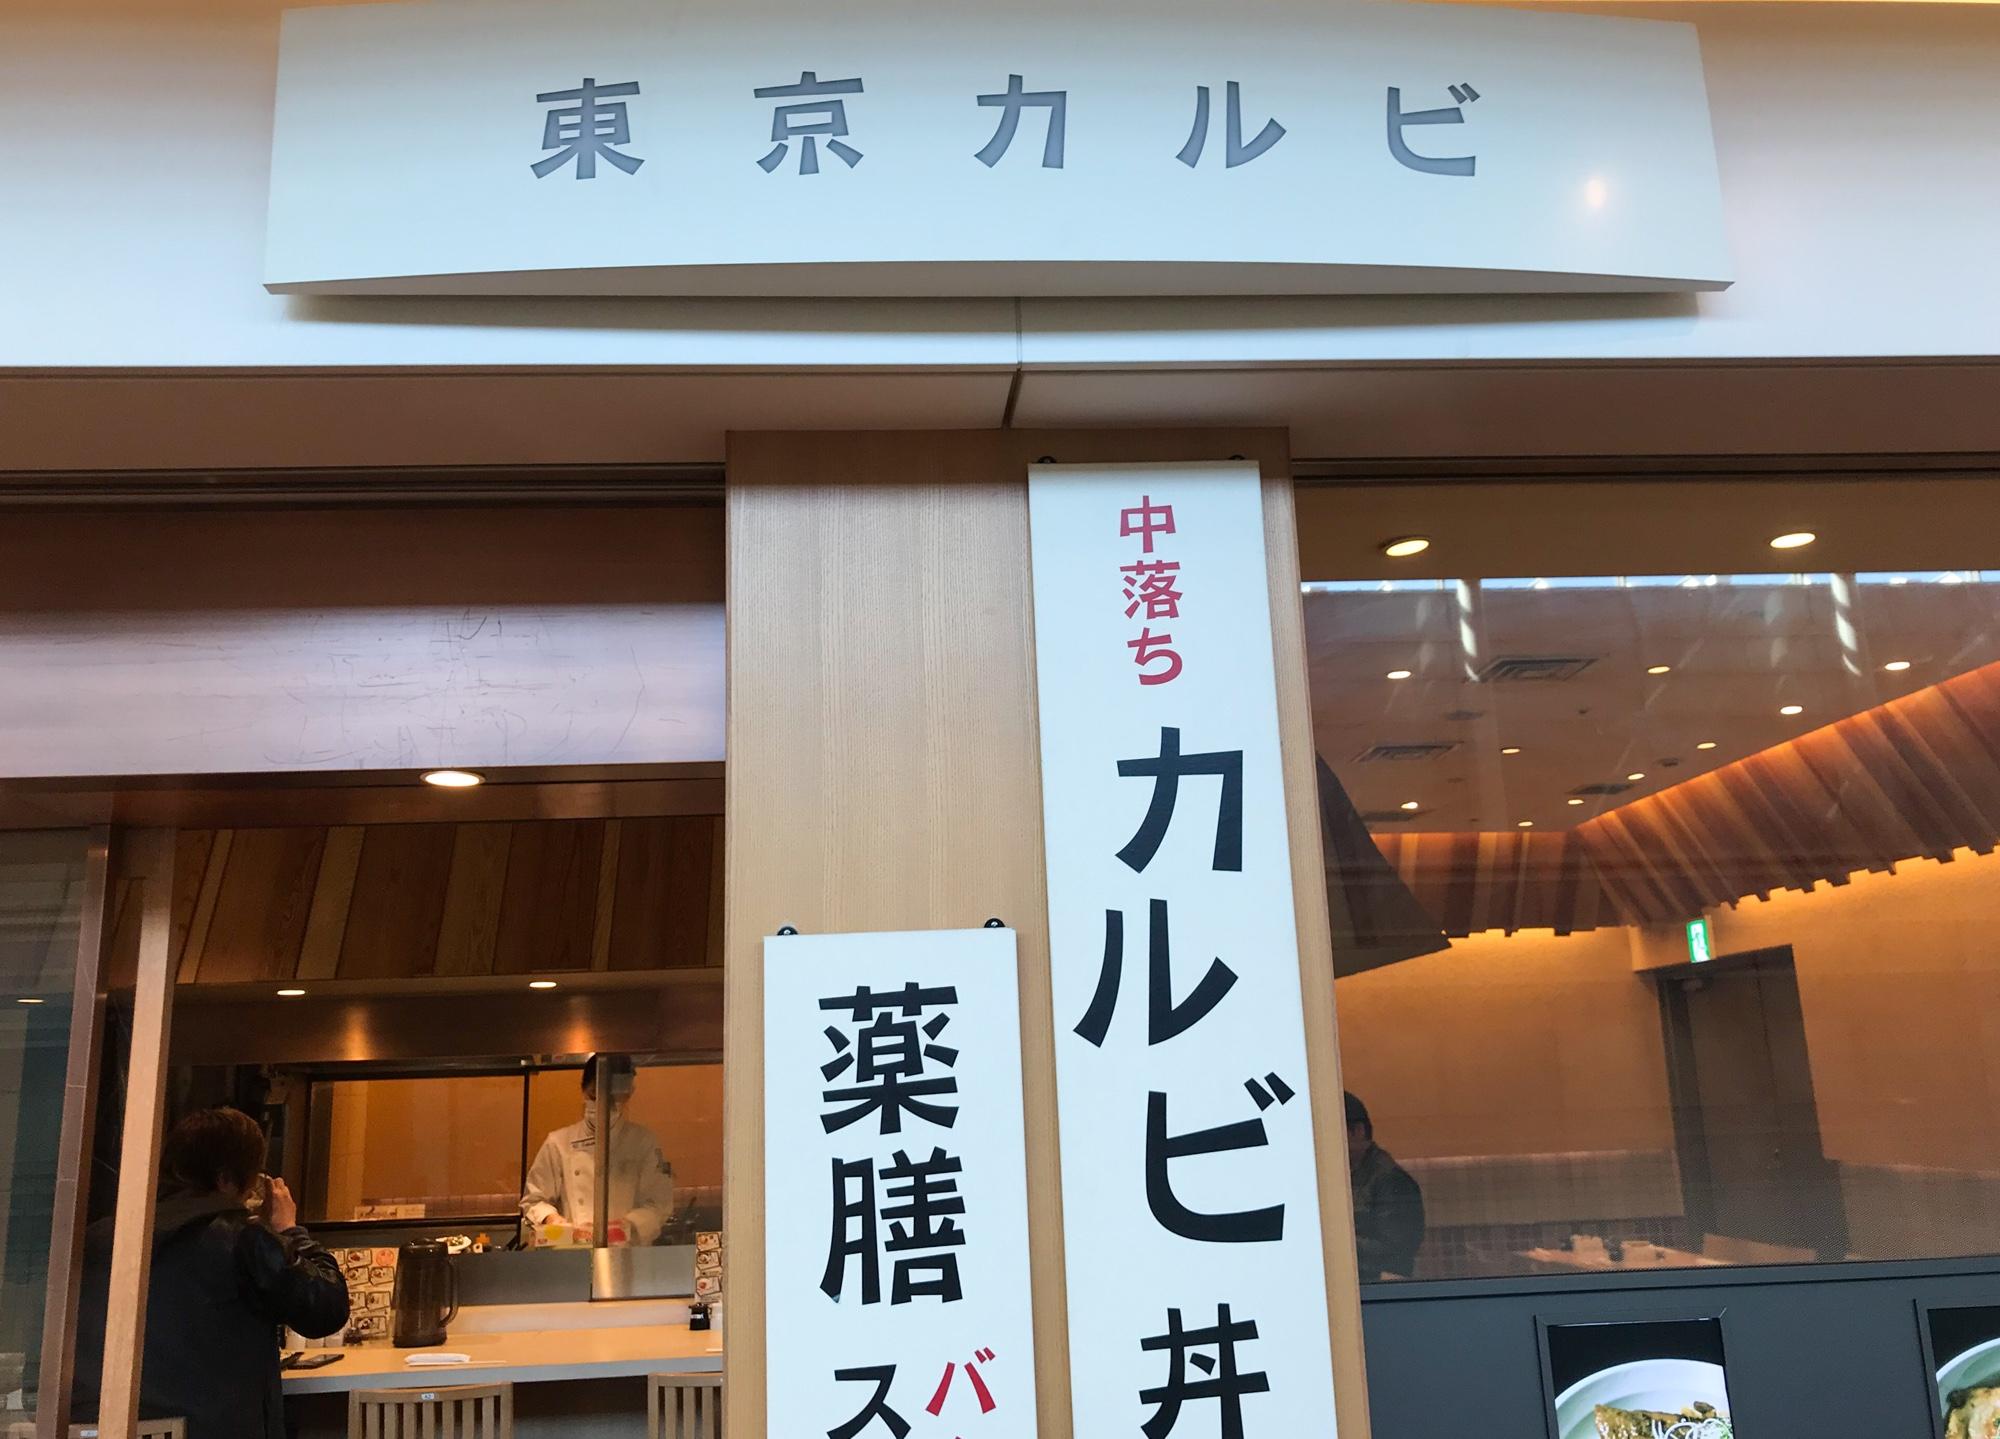 羽田空港 国内線第二ターミナル 朝食